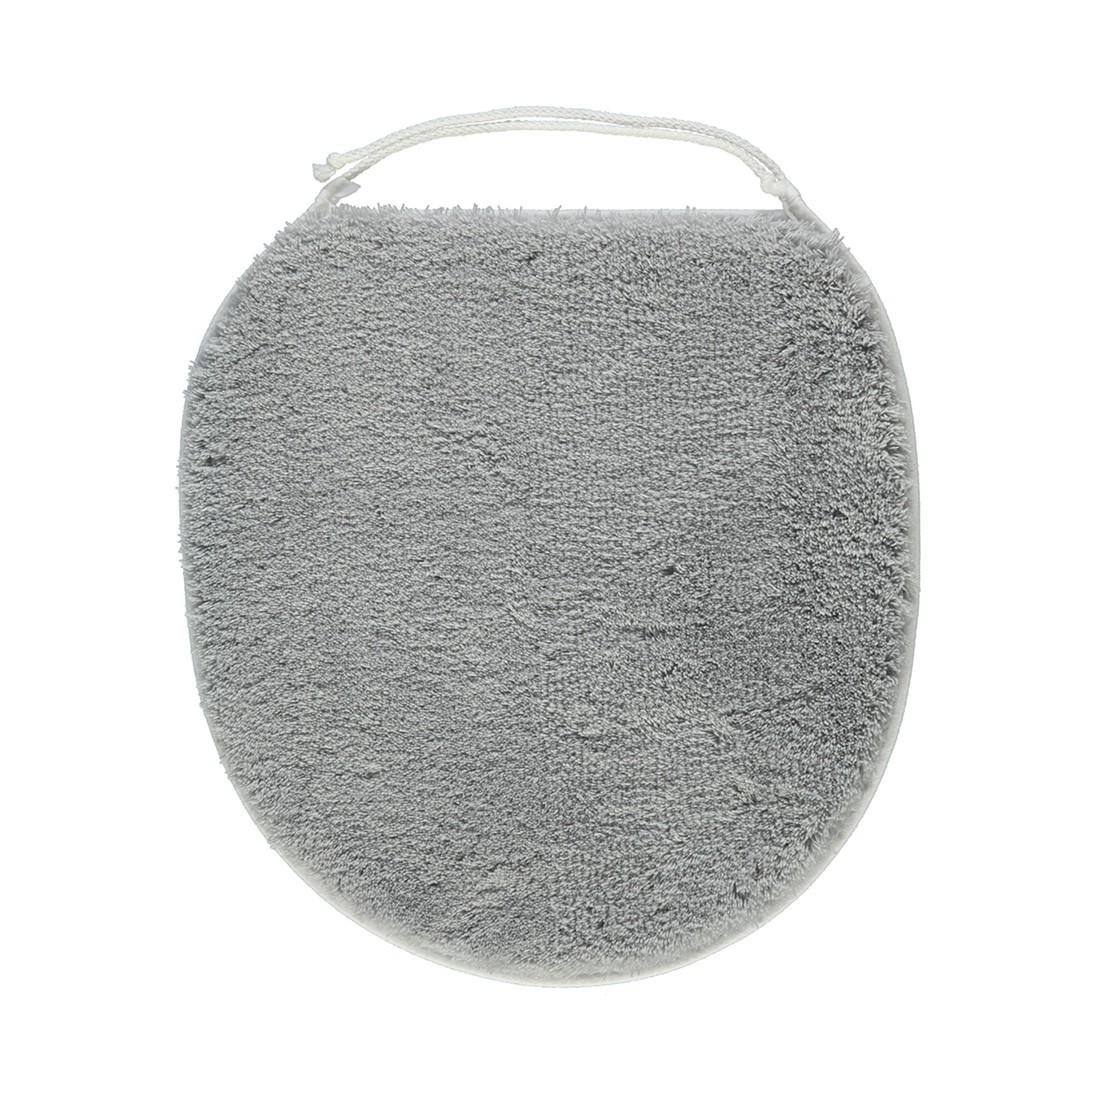 Deckelbezug Soft – 100% Polyacryl Nebel – 913, Kleine Wolke bestellen